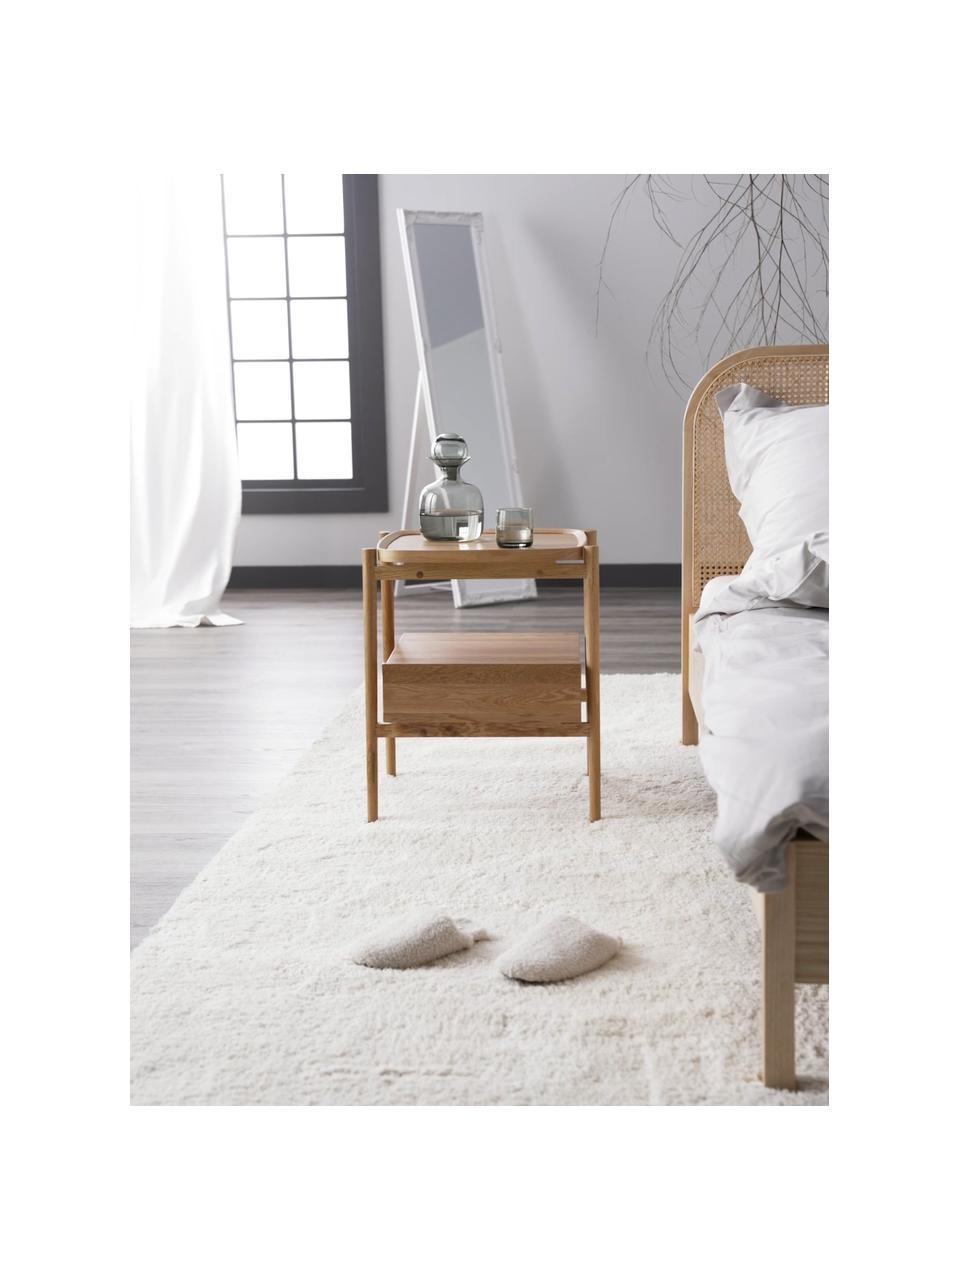 Stolik nocny z drewna dębowego Libby, Drewno dębowe, S 49 x W 60 cm